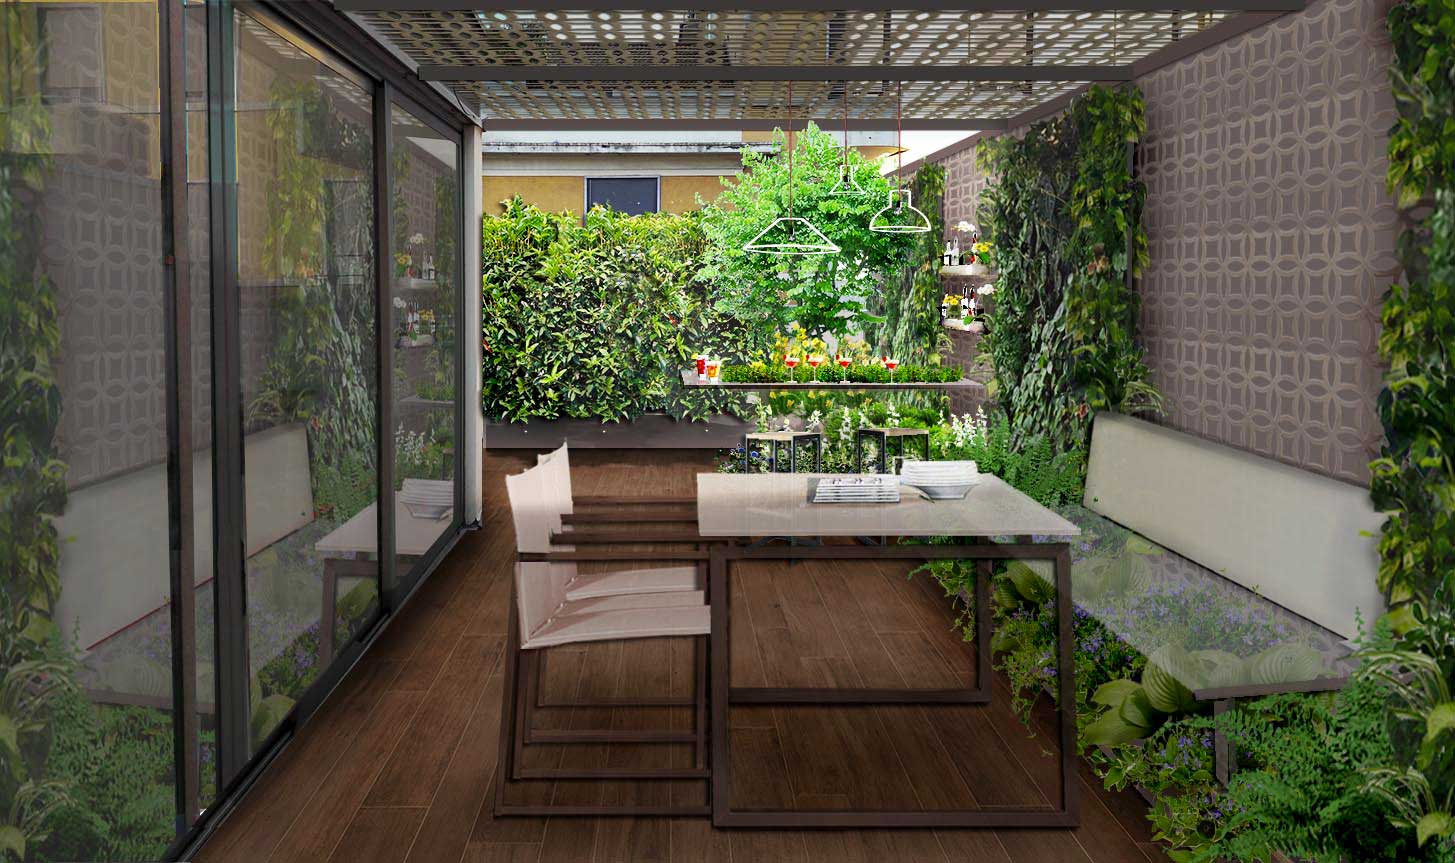 Verde progetto il terrazzo fashion - Terrazzi e giardini pensili ...